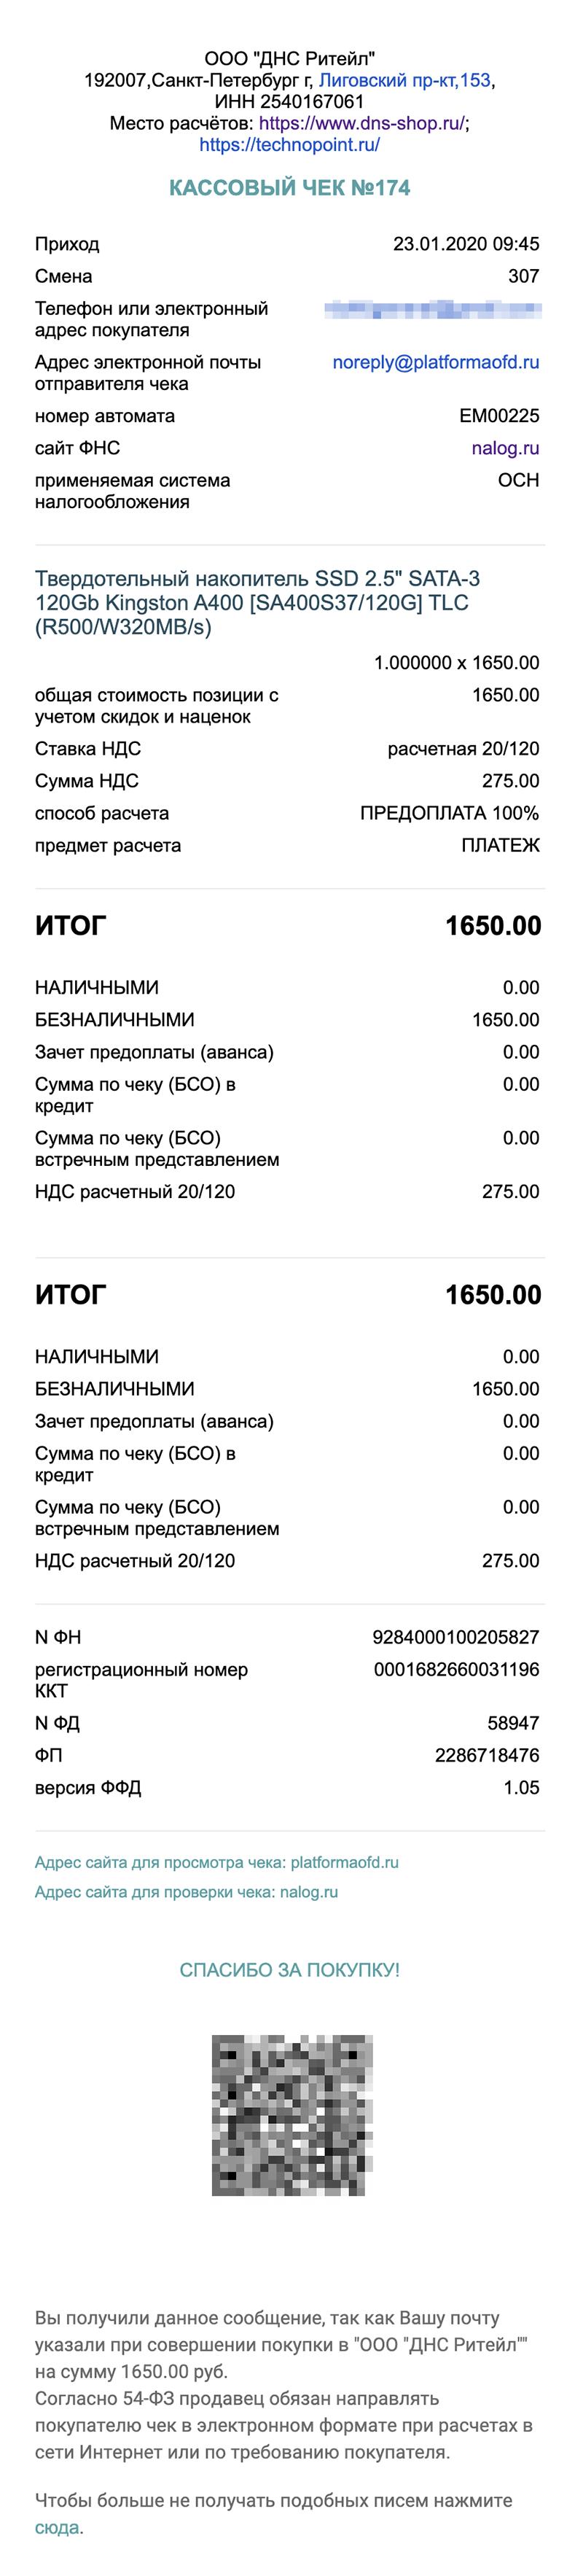 В настоящем чеке от ОФД сразу указано, где посмотреть полную версию чека и где проверить подлинность. По куар-коду можно проверить чек через мобильное приложение